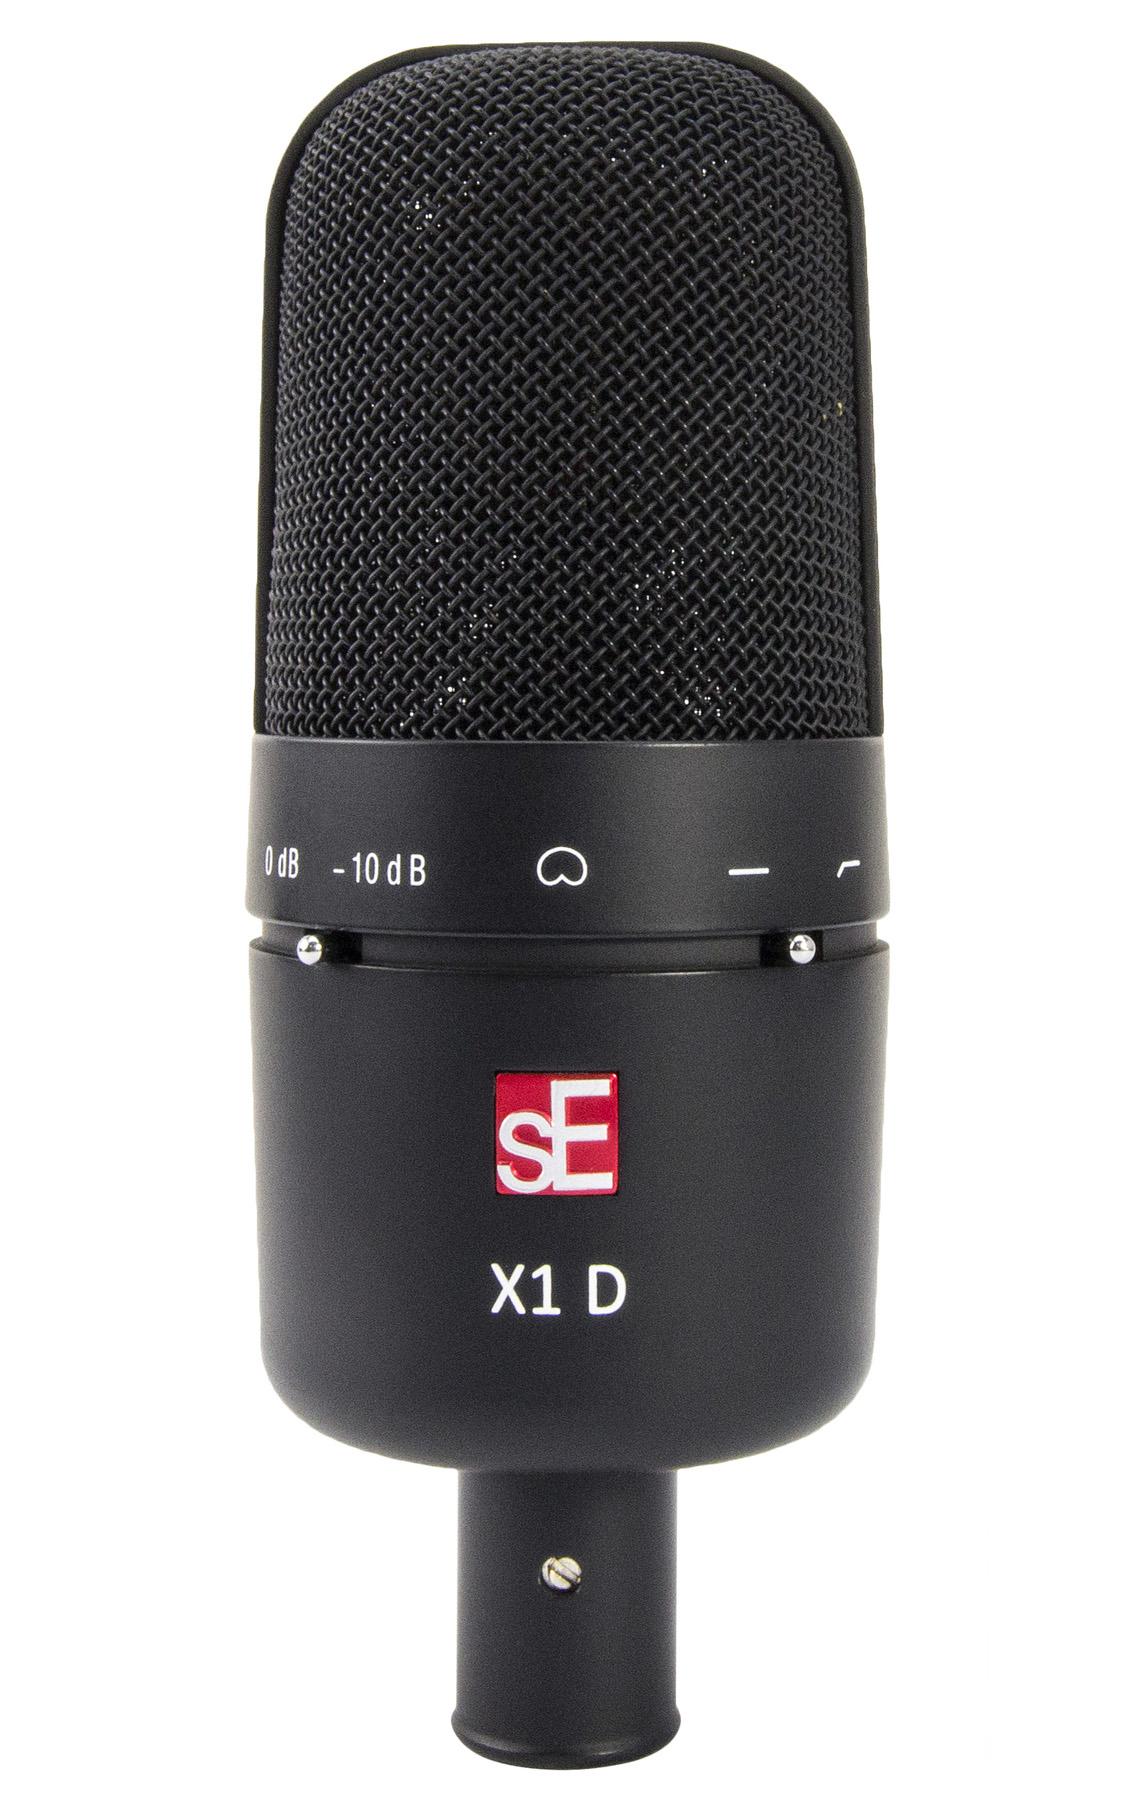 x1d-5.jpg